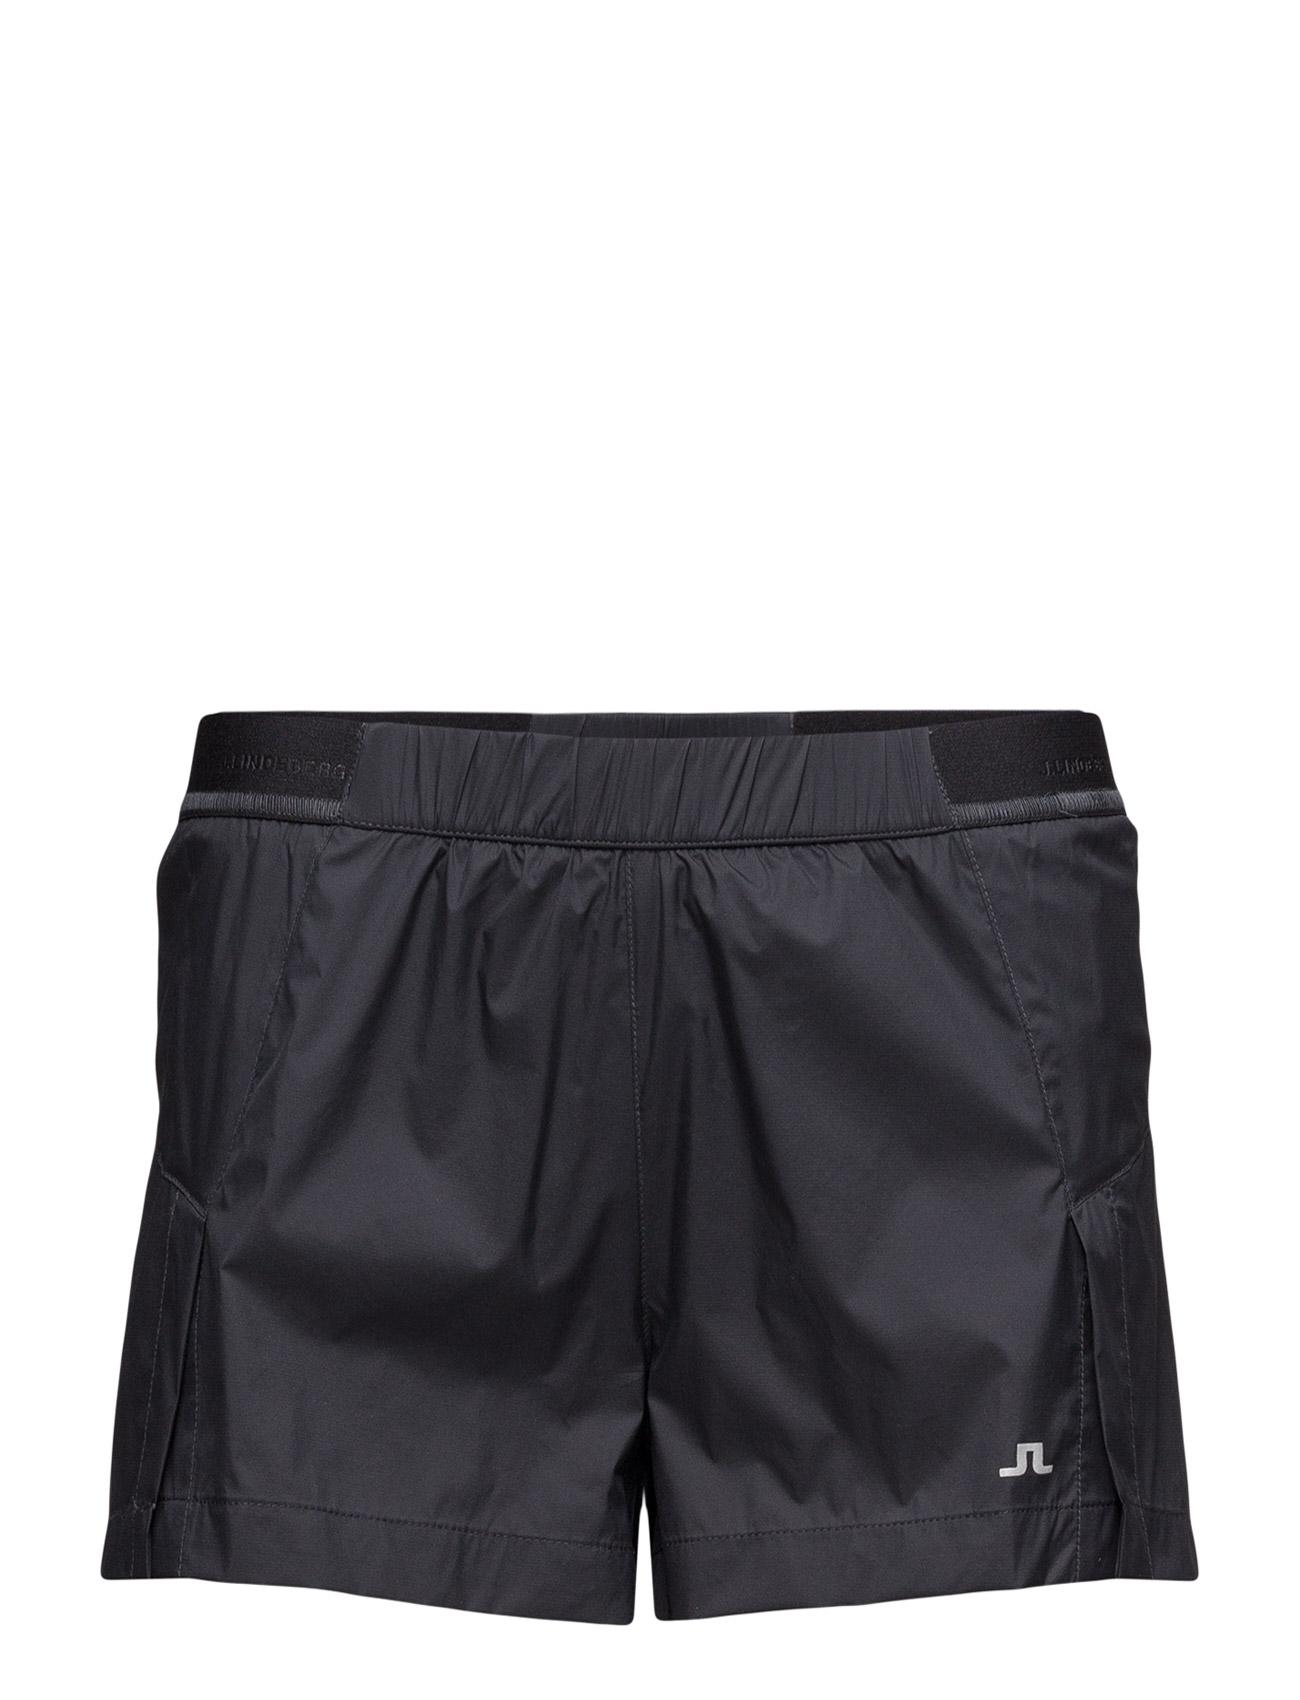 j. lindeberg W track shorts på boozt.com dk